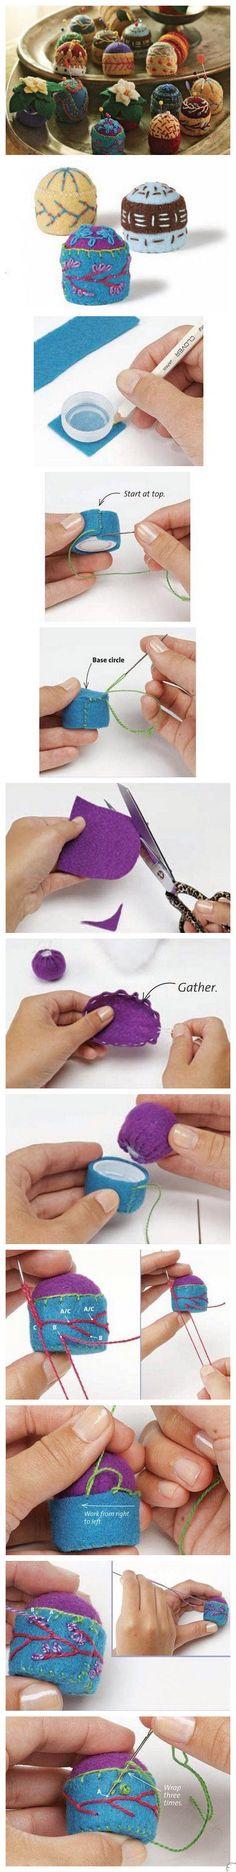 DIY Crafts diy craft crafts craft ideas diy ideas diy crafts home crafts diy decorations craft decor